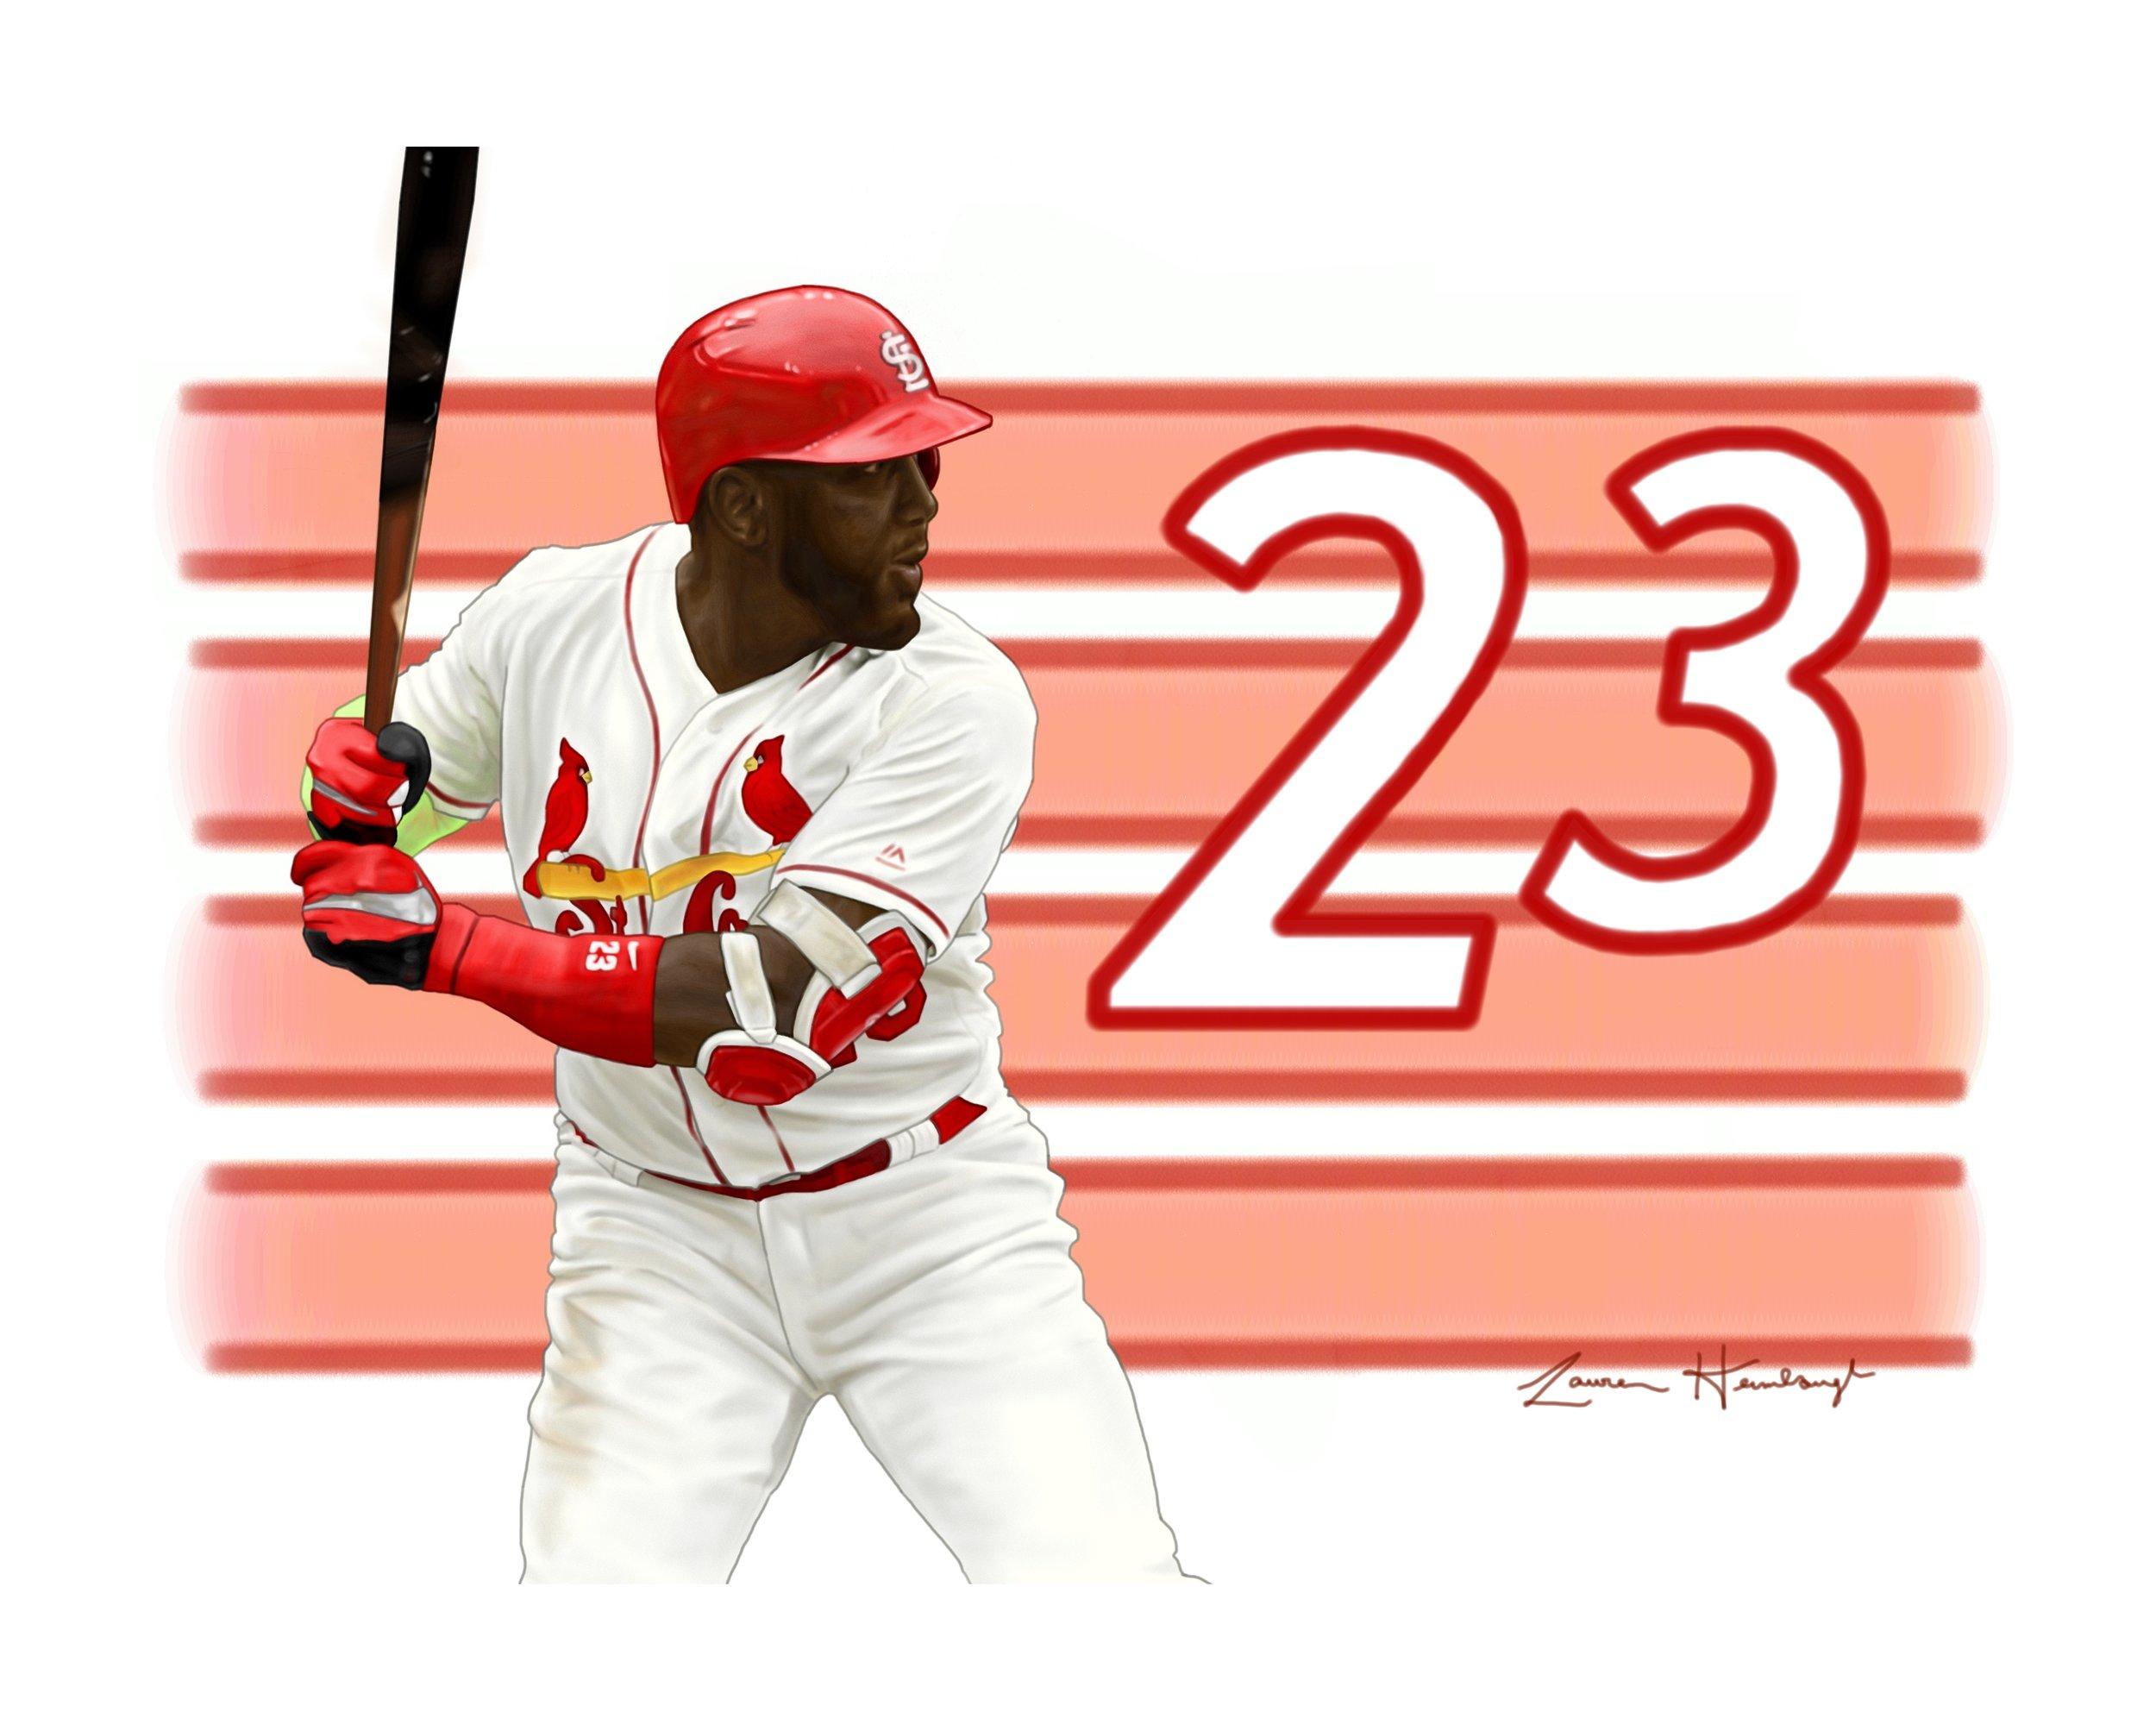 Marcell Ozuna - St. Louis Cardinals' Outfielder (2019)